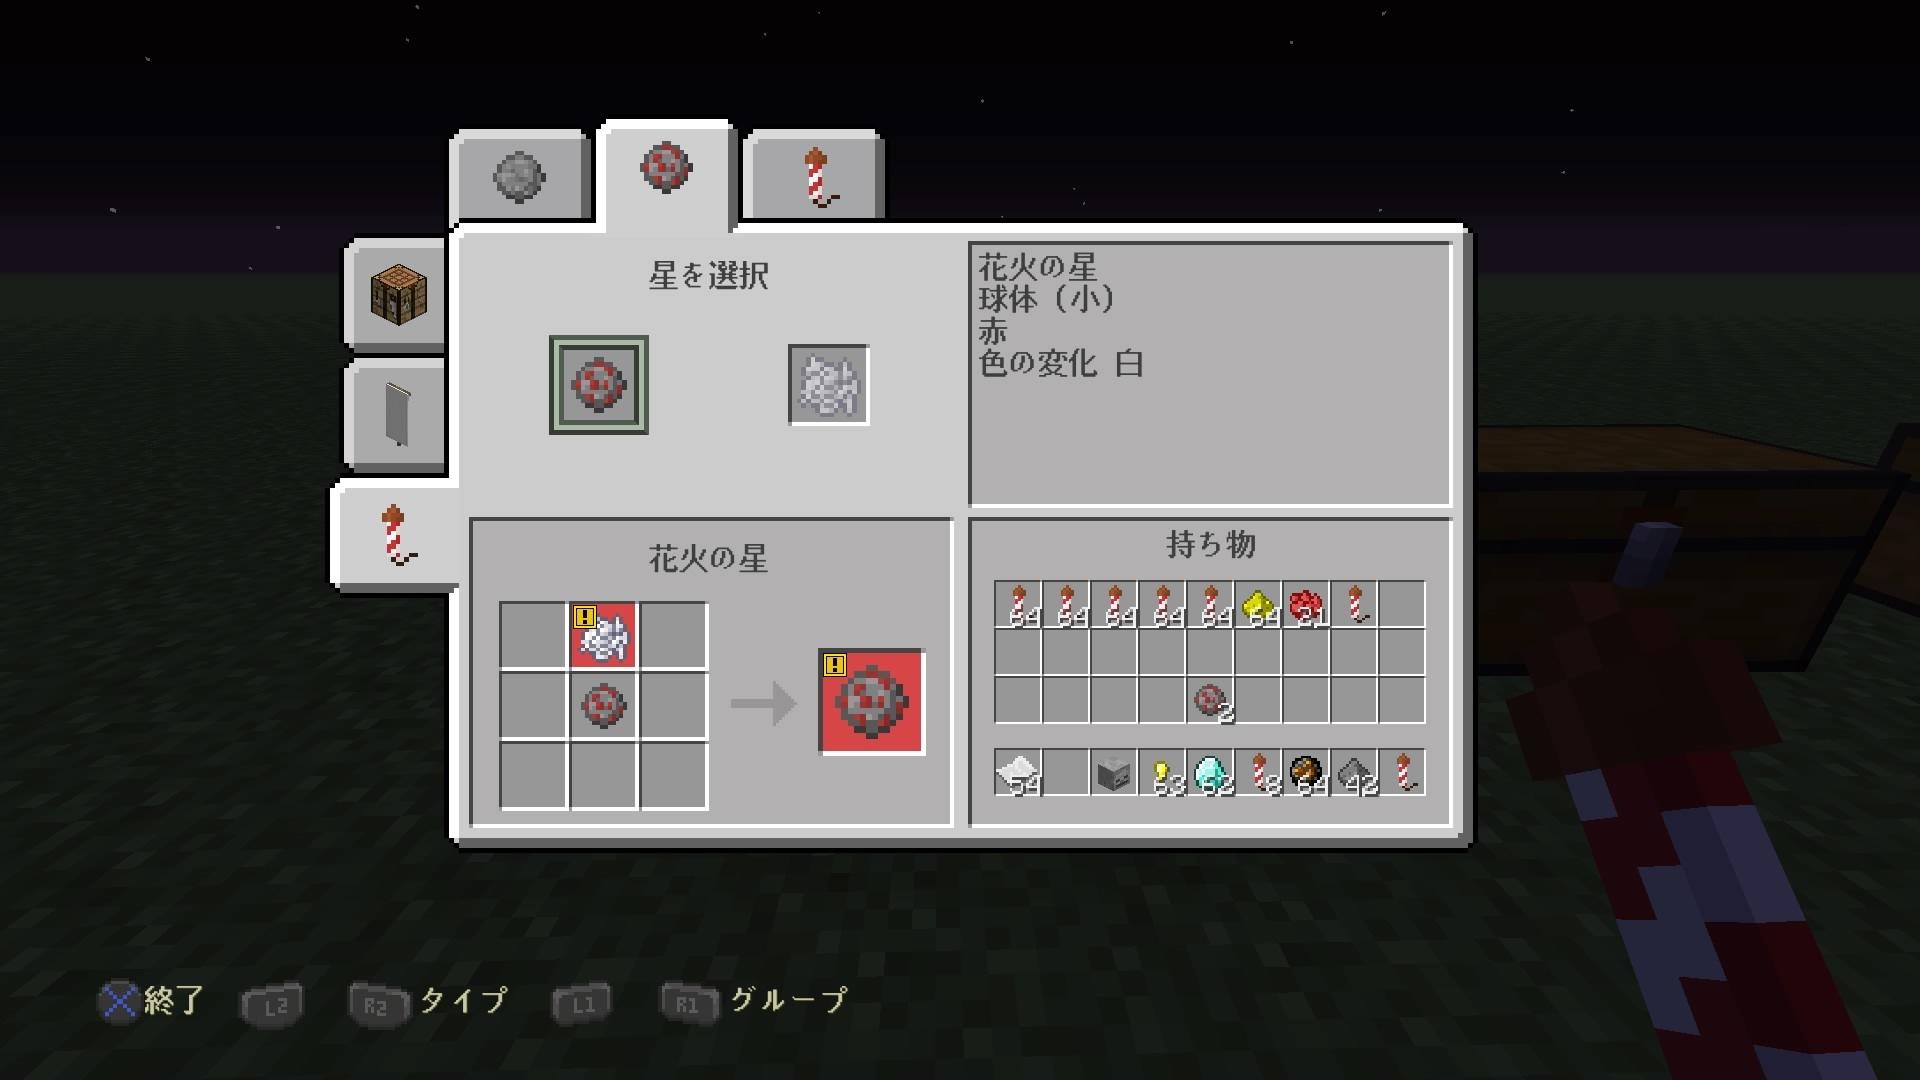 マイクラ花火 (2)